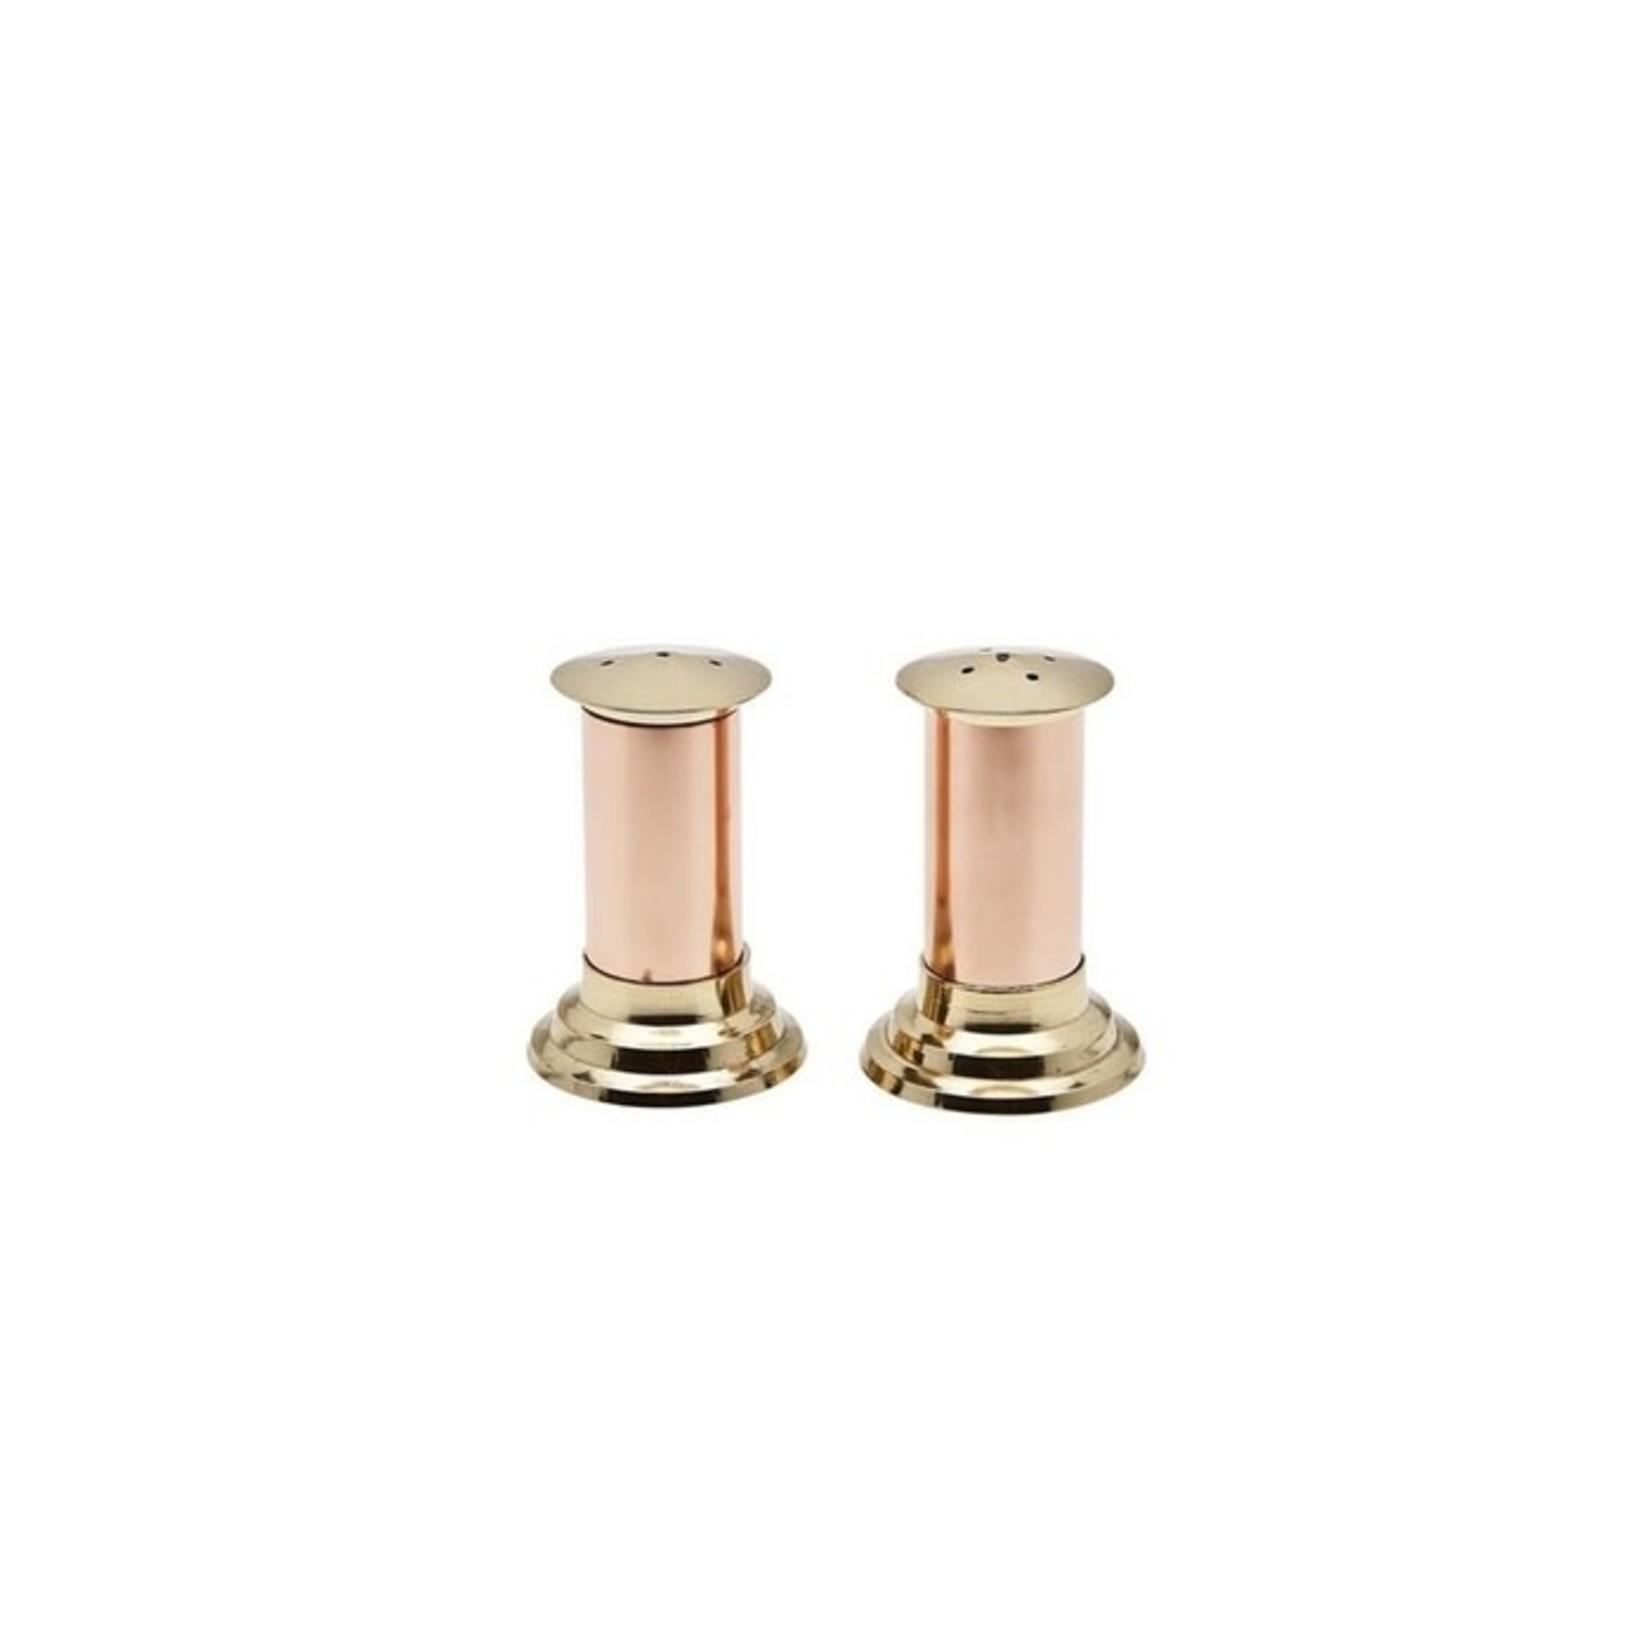 70011 Hearth Copper/ Brass Salt & Pepper Set